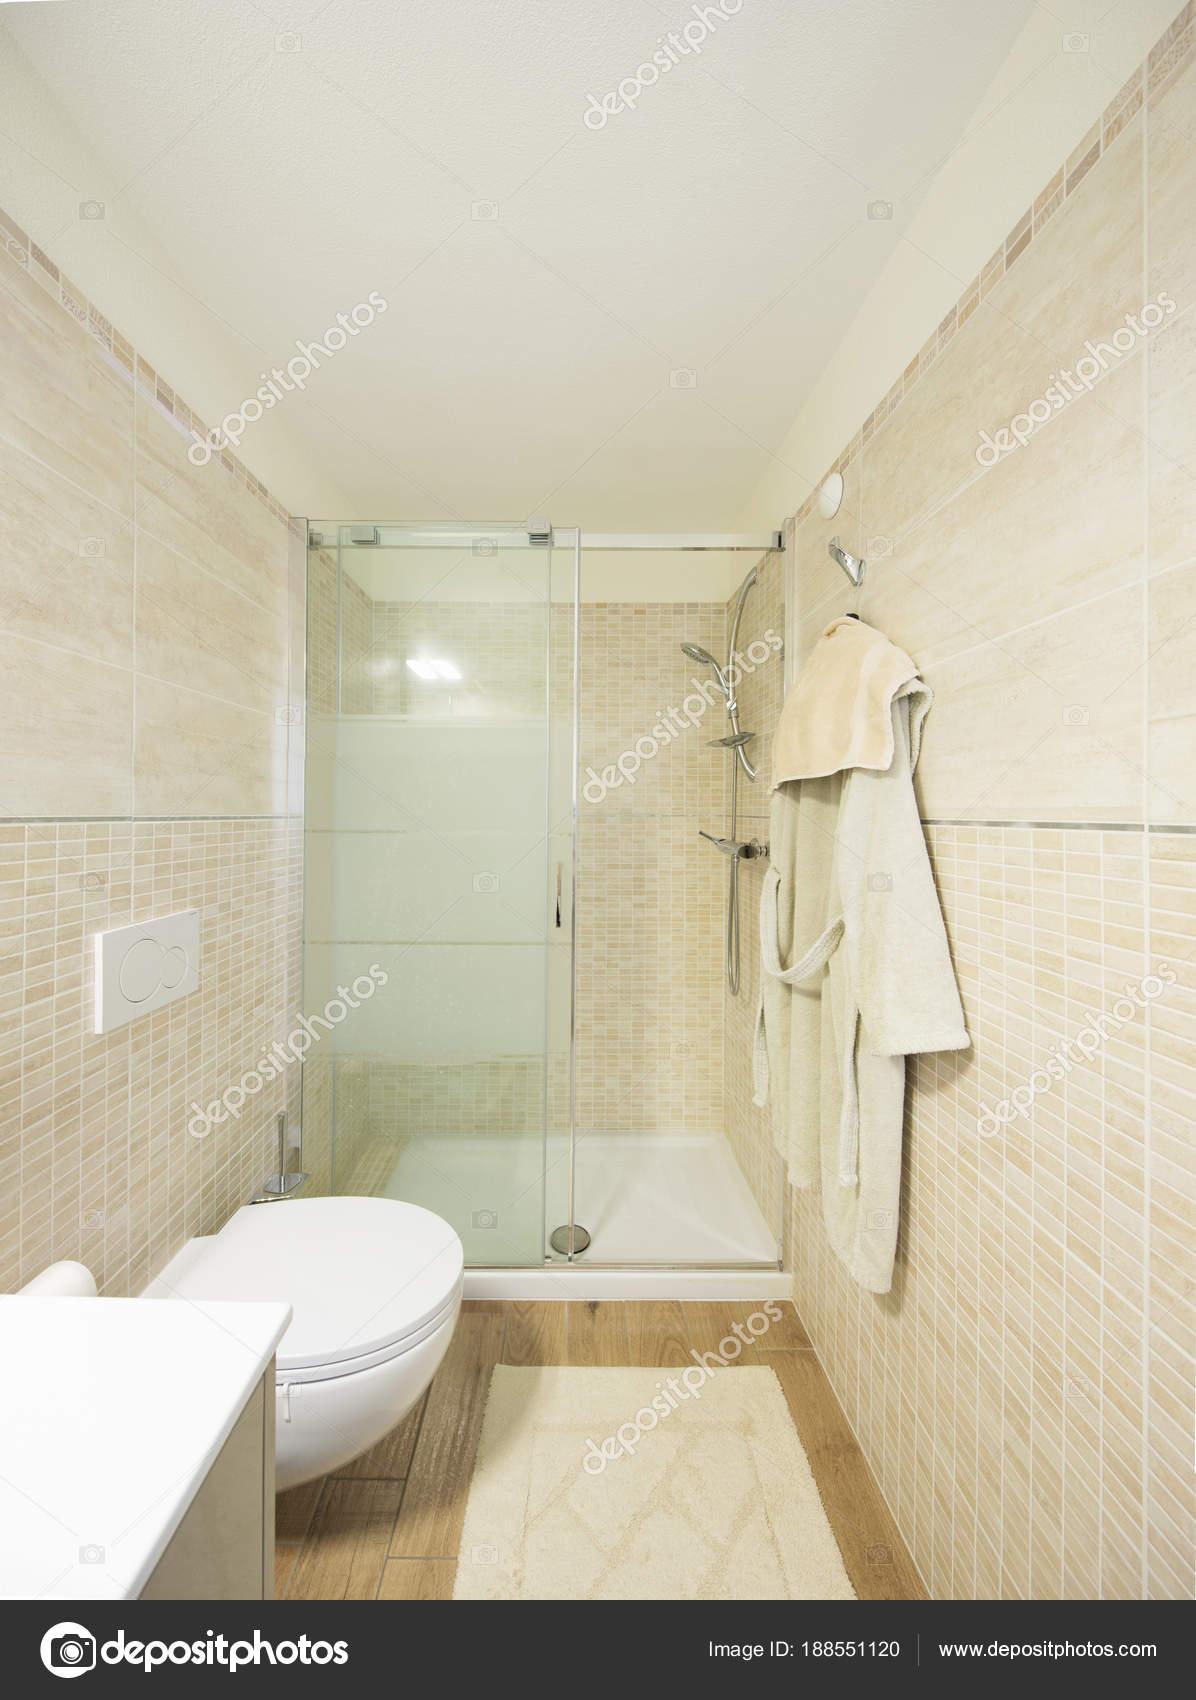 Modernes Bad Mit Fliesen. Große Dusche U2014 Stockfoto